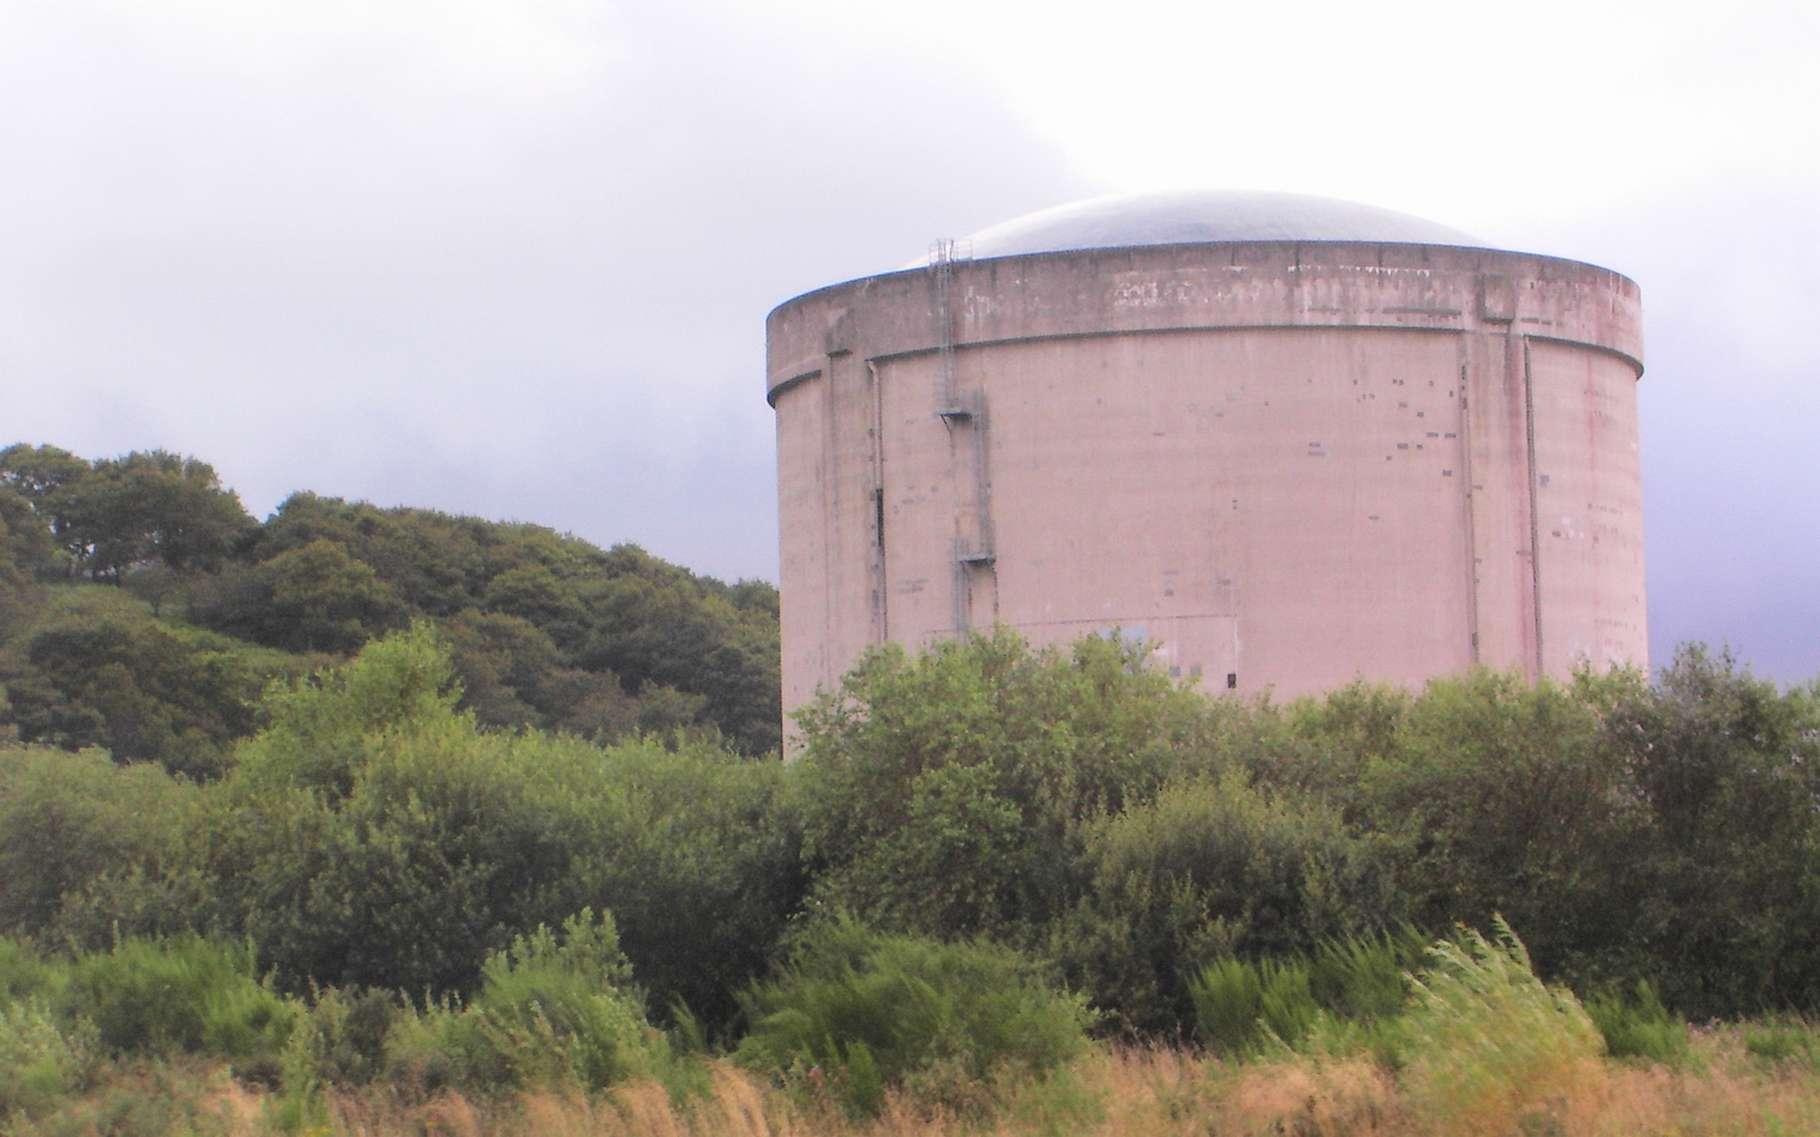 En France, la centrale nucléaire de Brennilis (Finistère) a été la seule à fonctionner avec un réacteur à eau lourde. © France64610, Wikipedia, CC by-sa 3.0